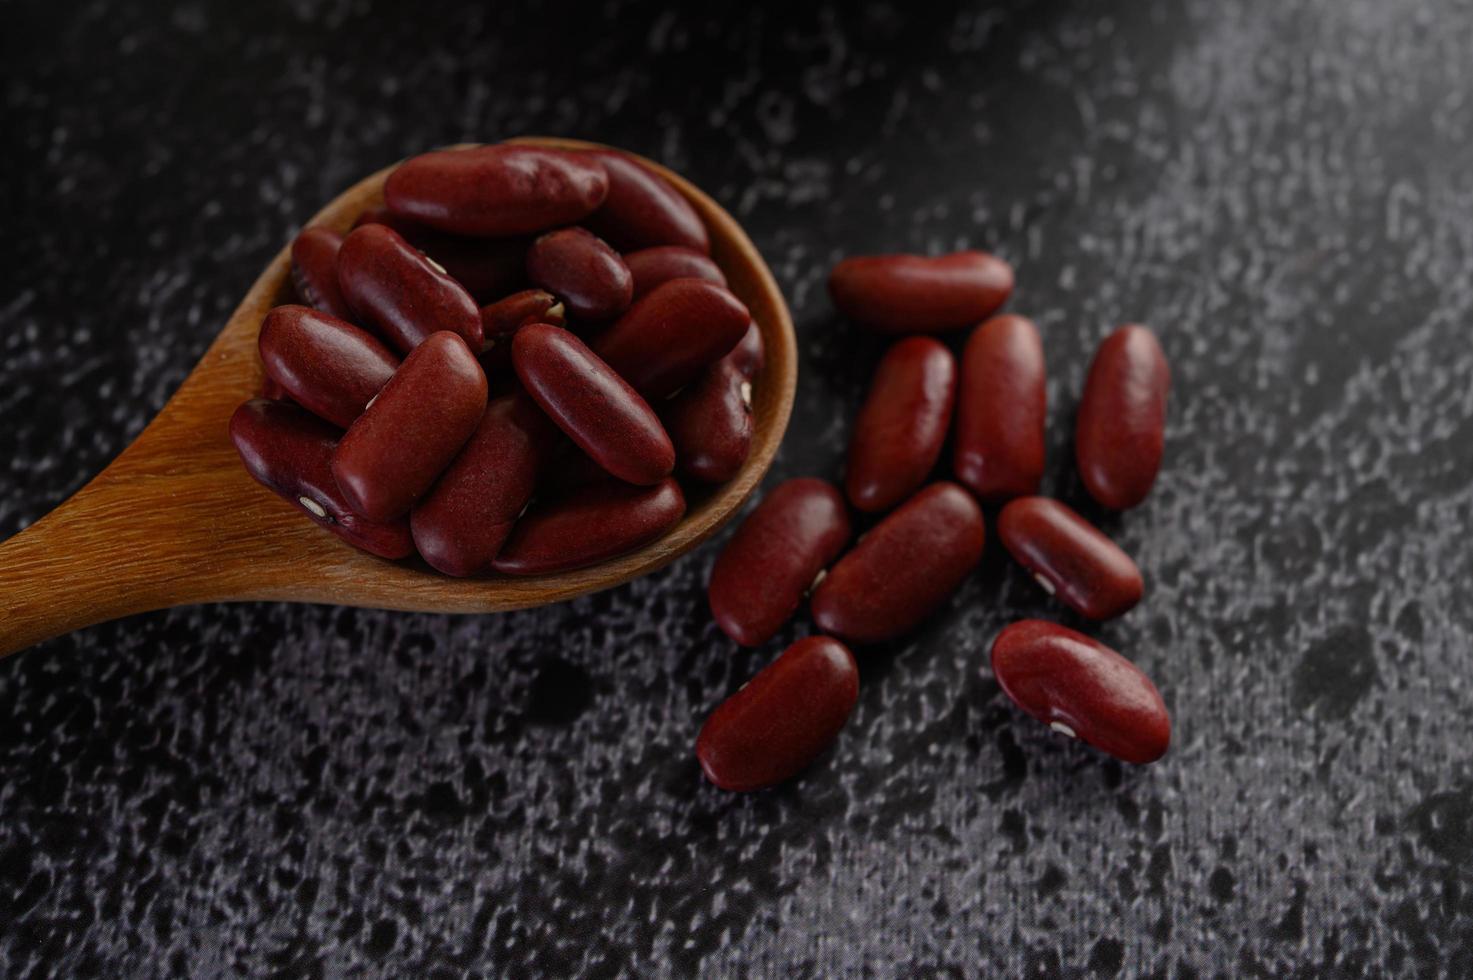 haricots rouges dans une cuillère en bois photo